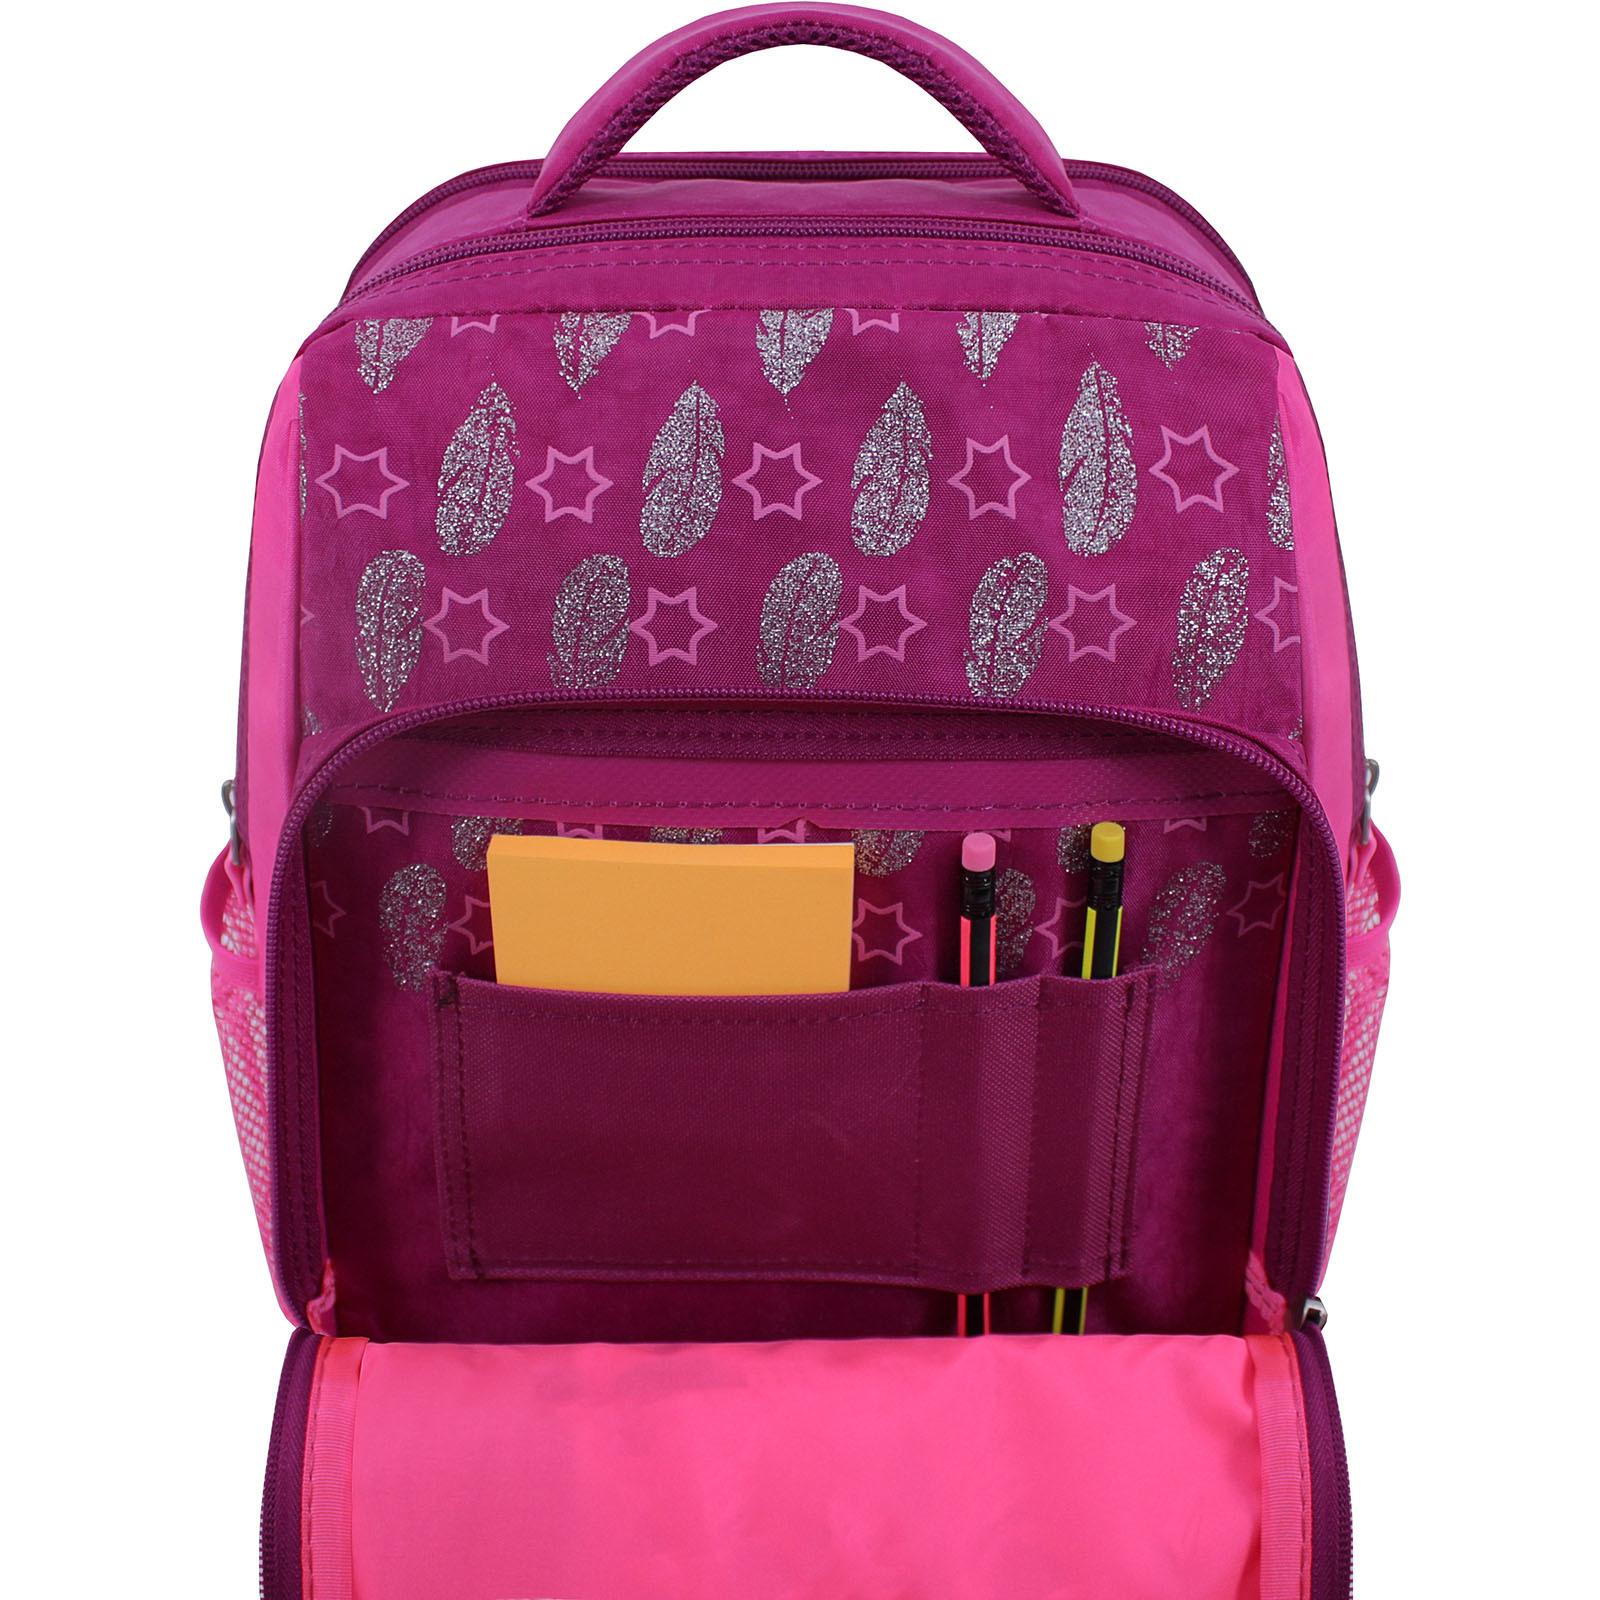 Рюкзак школьный Bagland Школьник 8 л. 143 малина 514 (00112702) фото 4